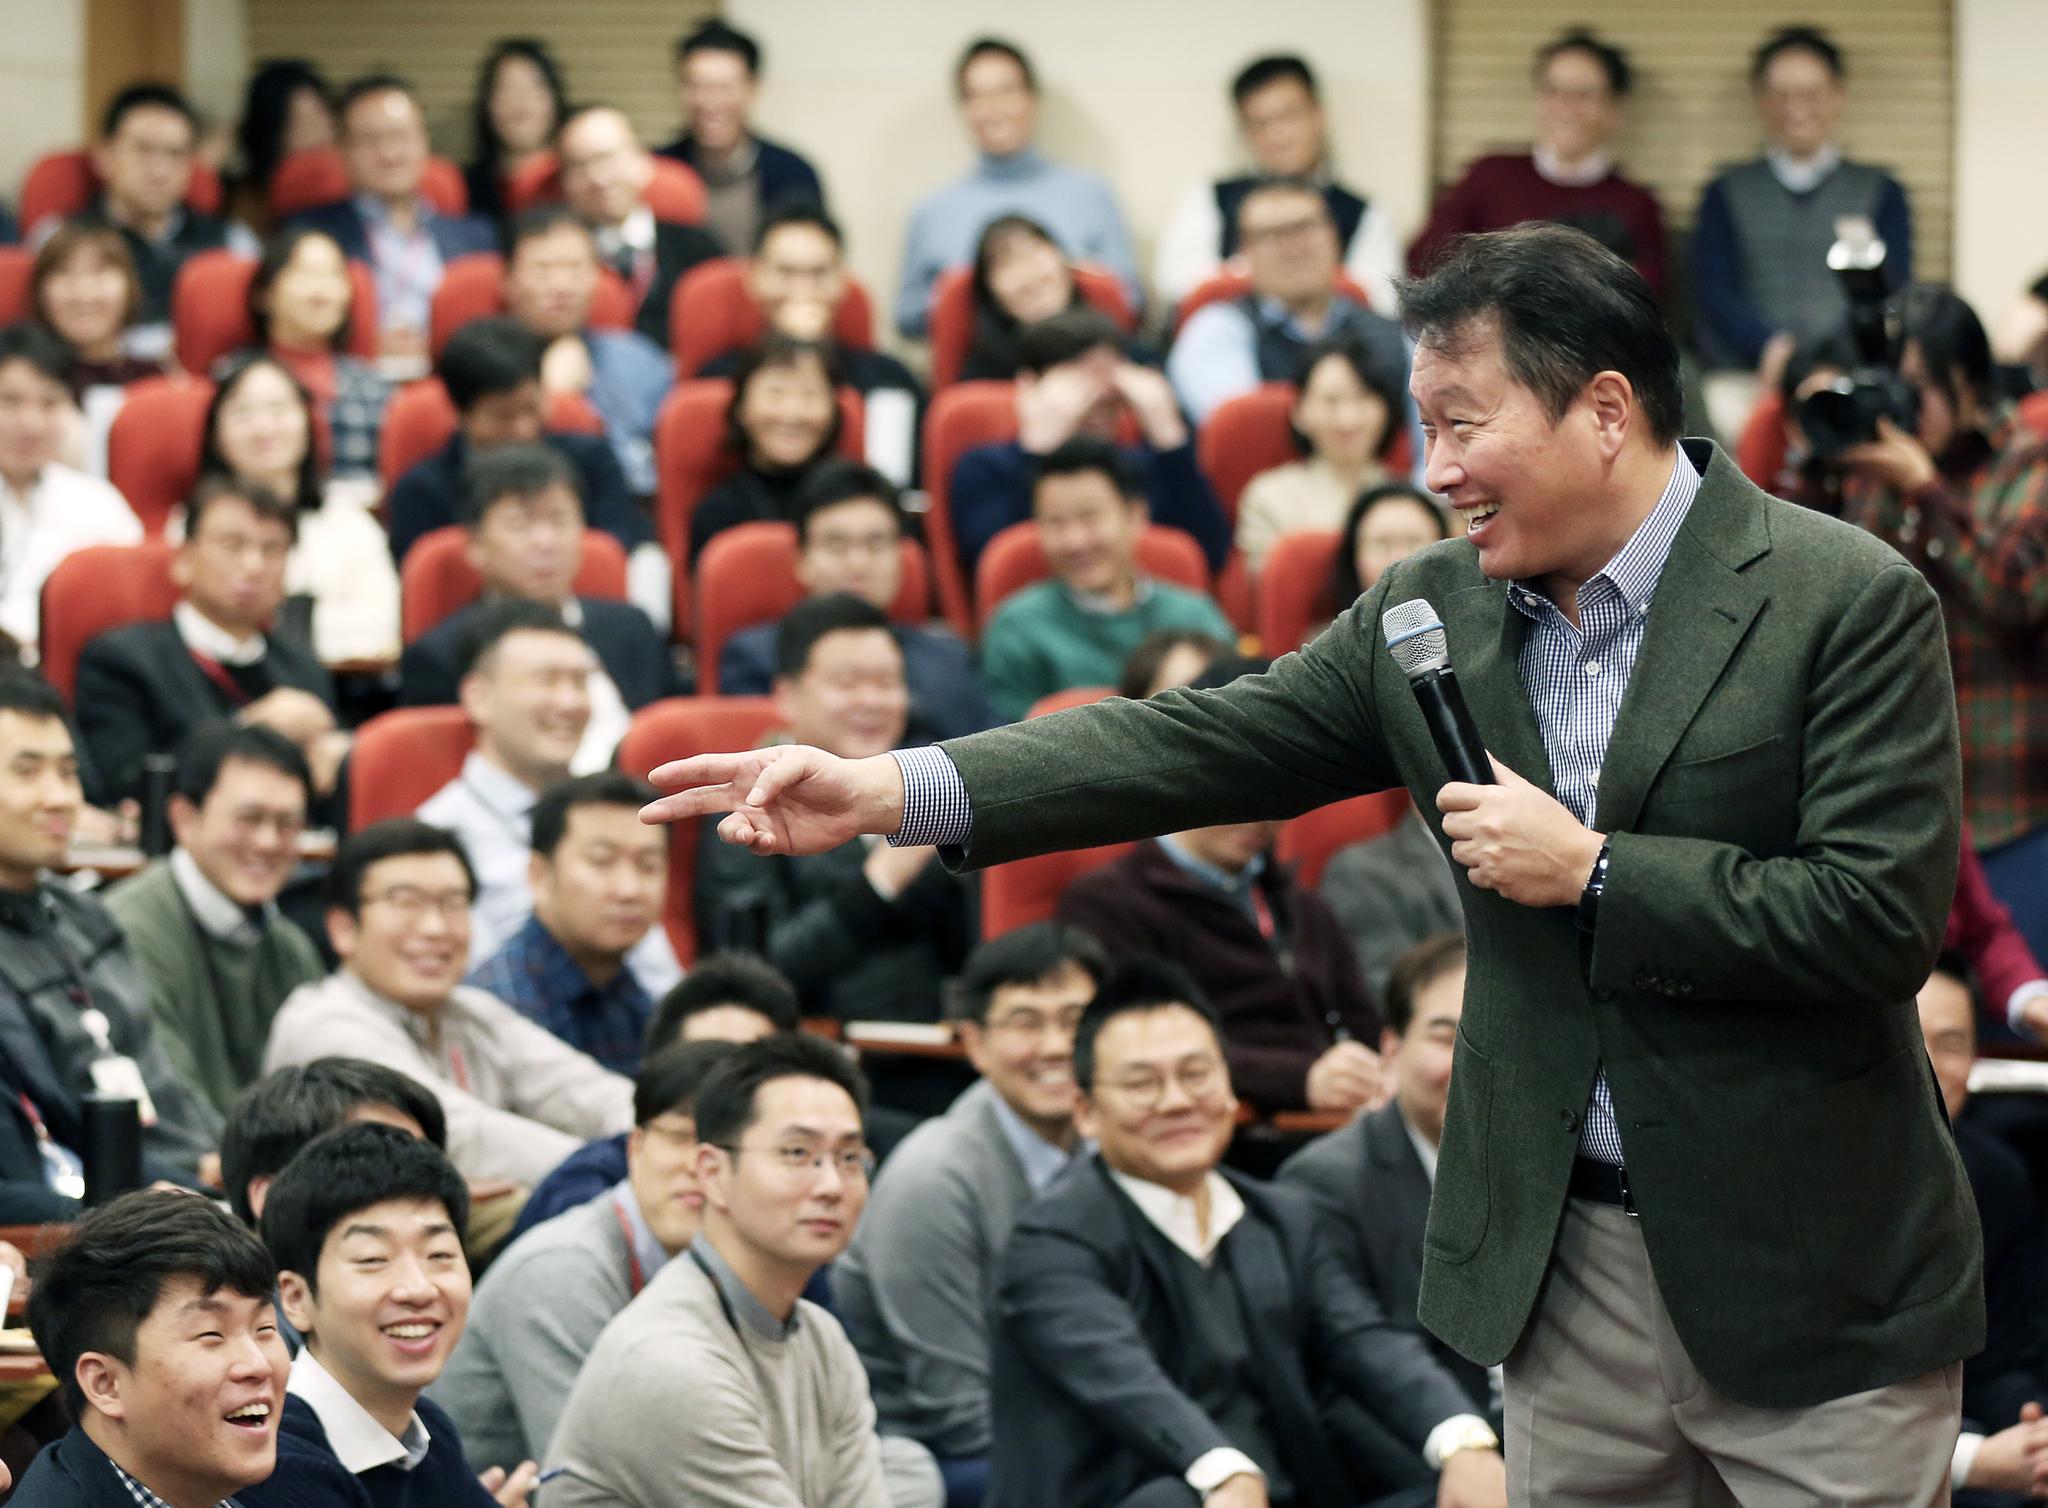 최태원 SK회장이 지난 8일 서울 종로구 SK서린빌딩에서 열린 '행복 토크'에서 구성원들과 행복키우기를 위한 작은 실천 방안들에 대해 토론하고 있다. [사진 SK]